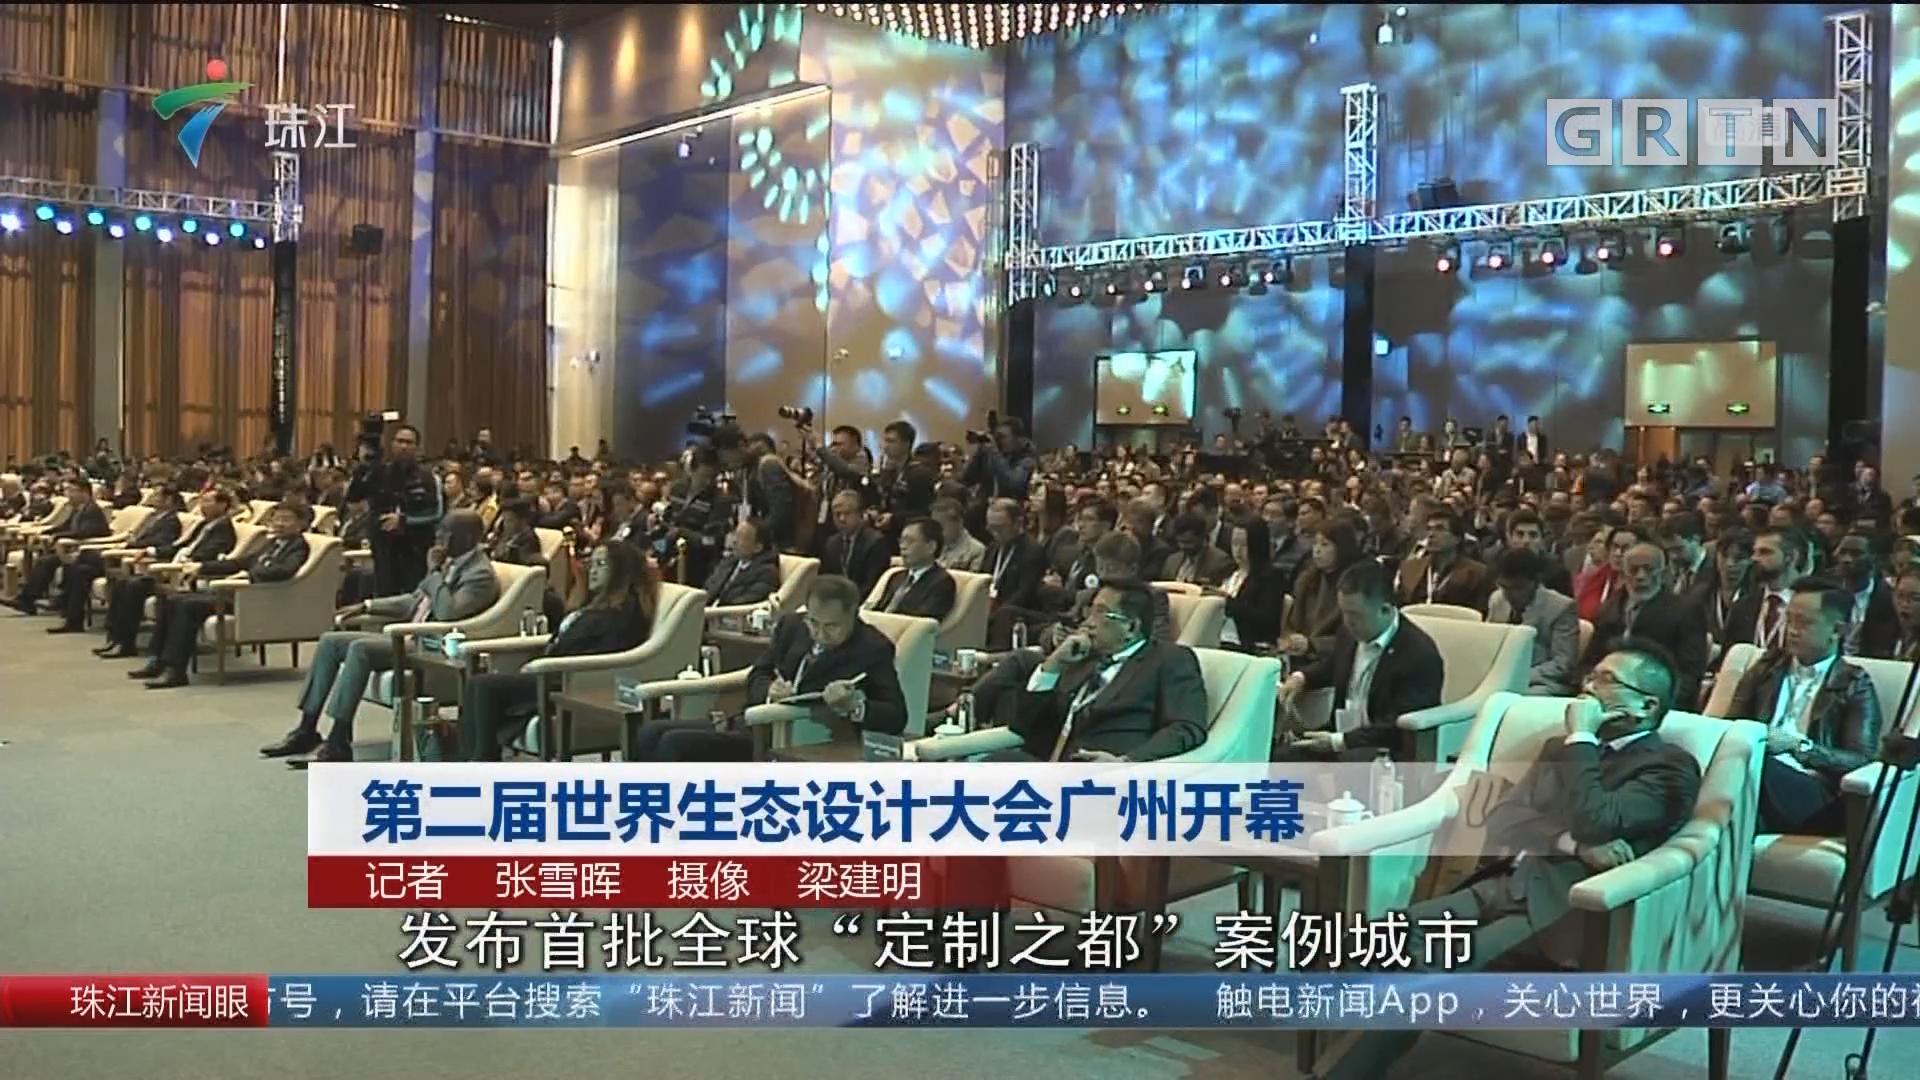 第二届世界生态设计大会广州开幕